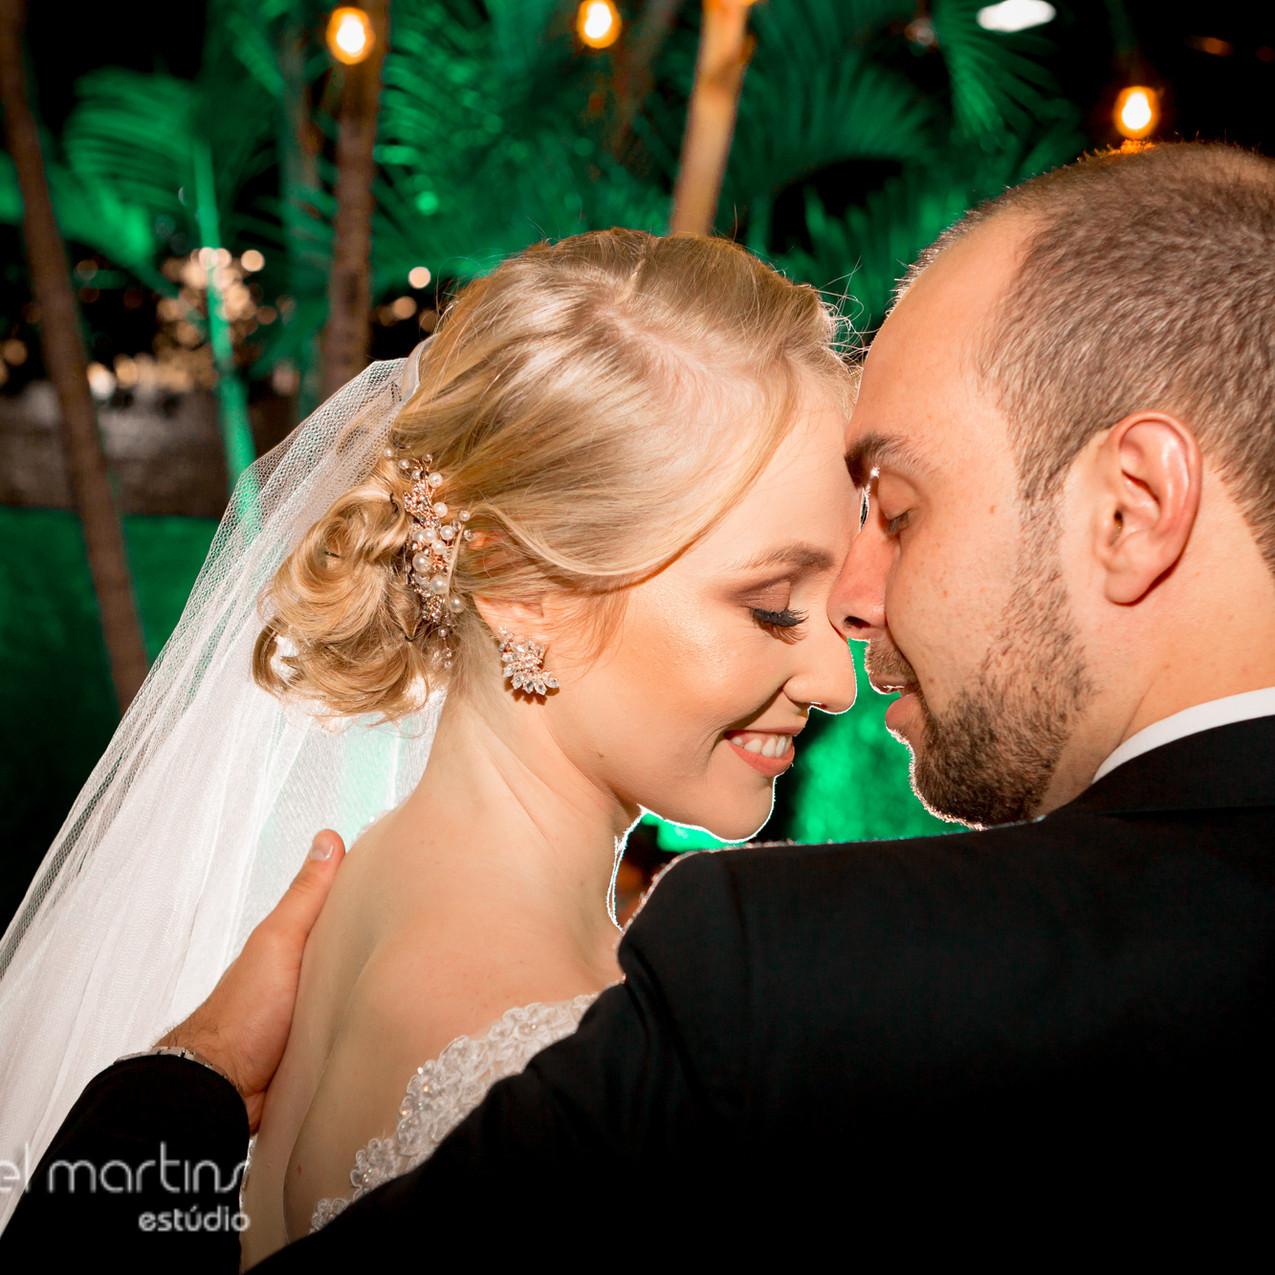 BeR-0912-fotografo-casamento-wedding-gotadagua-rustico-brunaeraul-boho-diy-portoalegre-daniel-martins